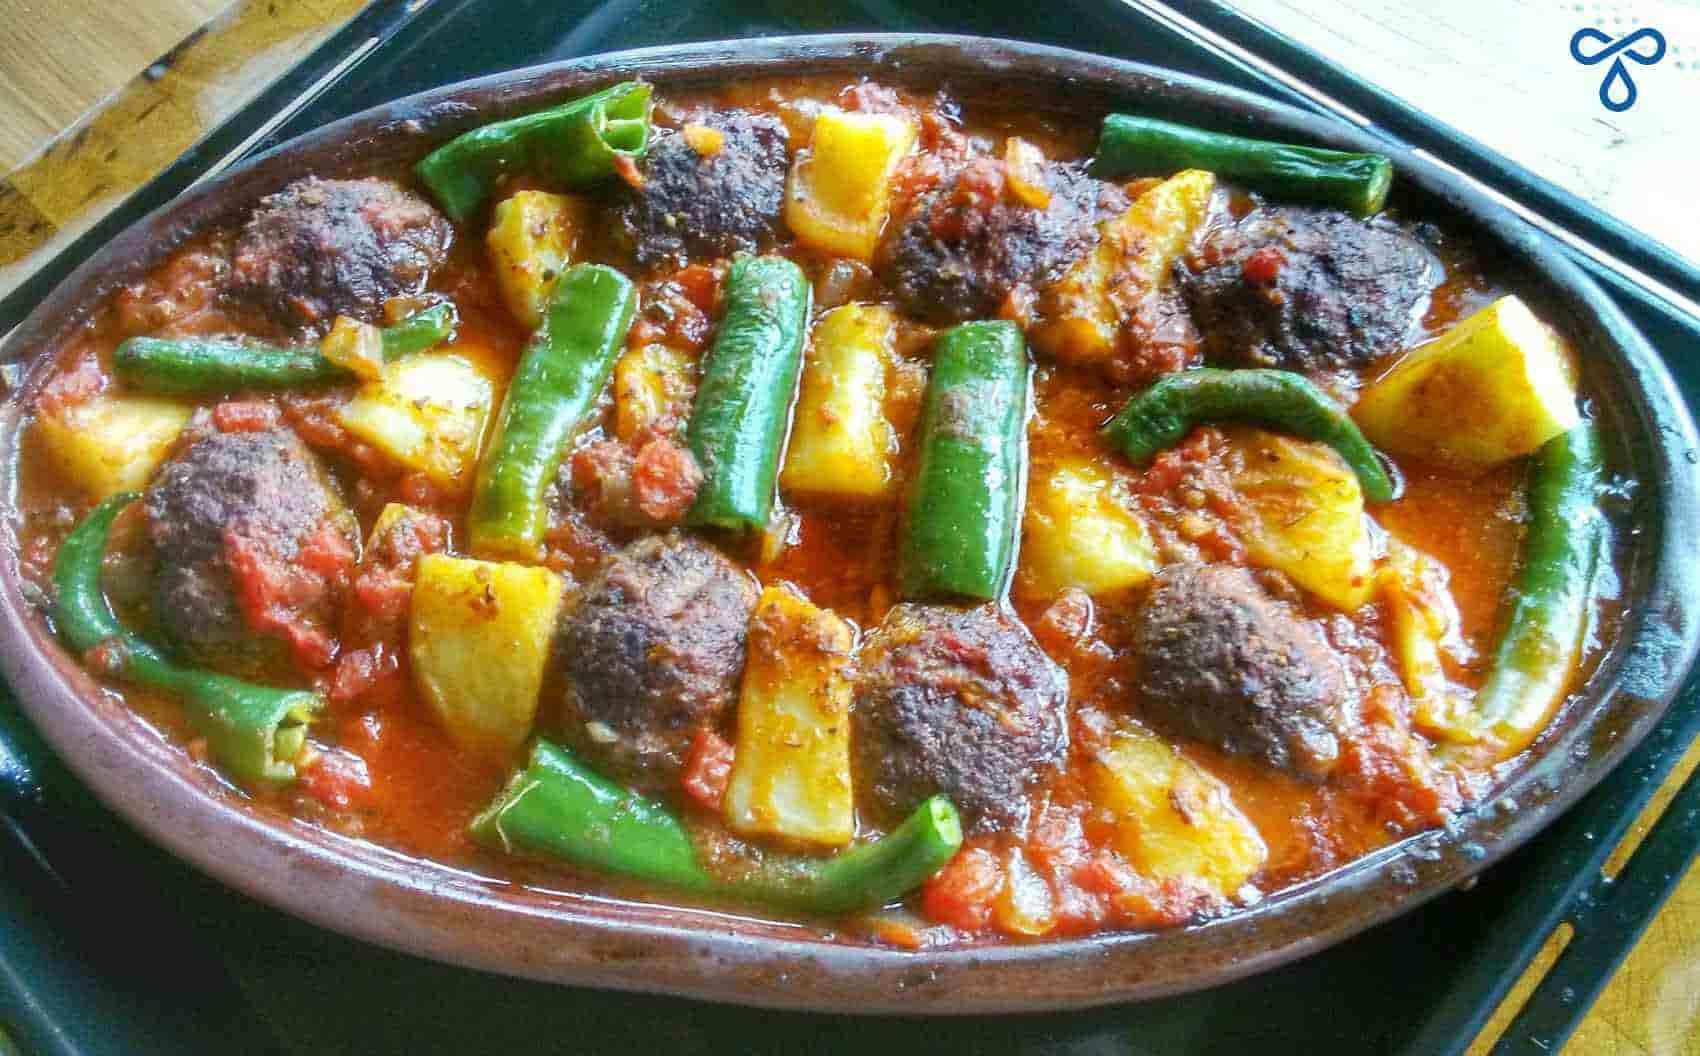 Turkish Meatballs In Tomato Sauce Recipe